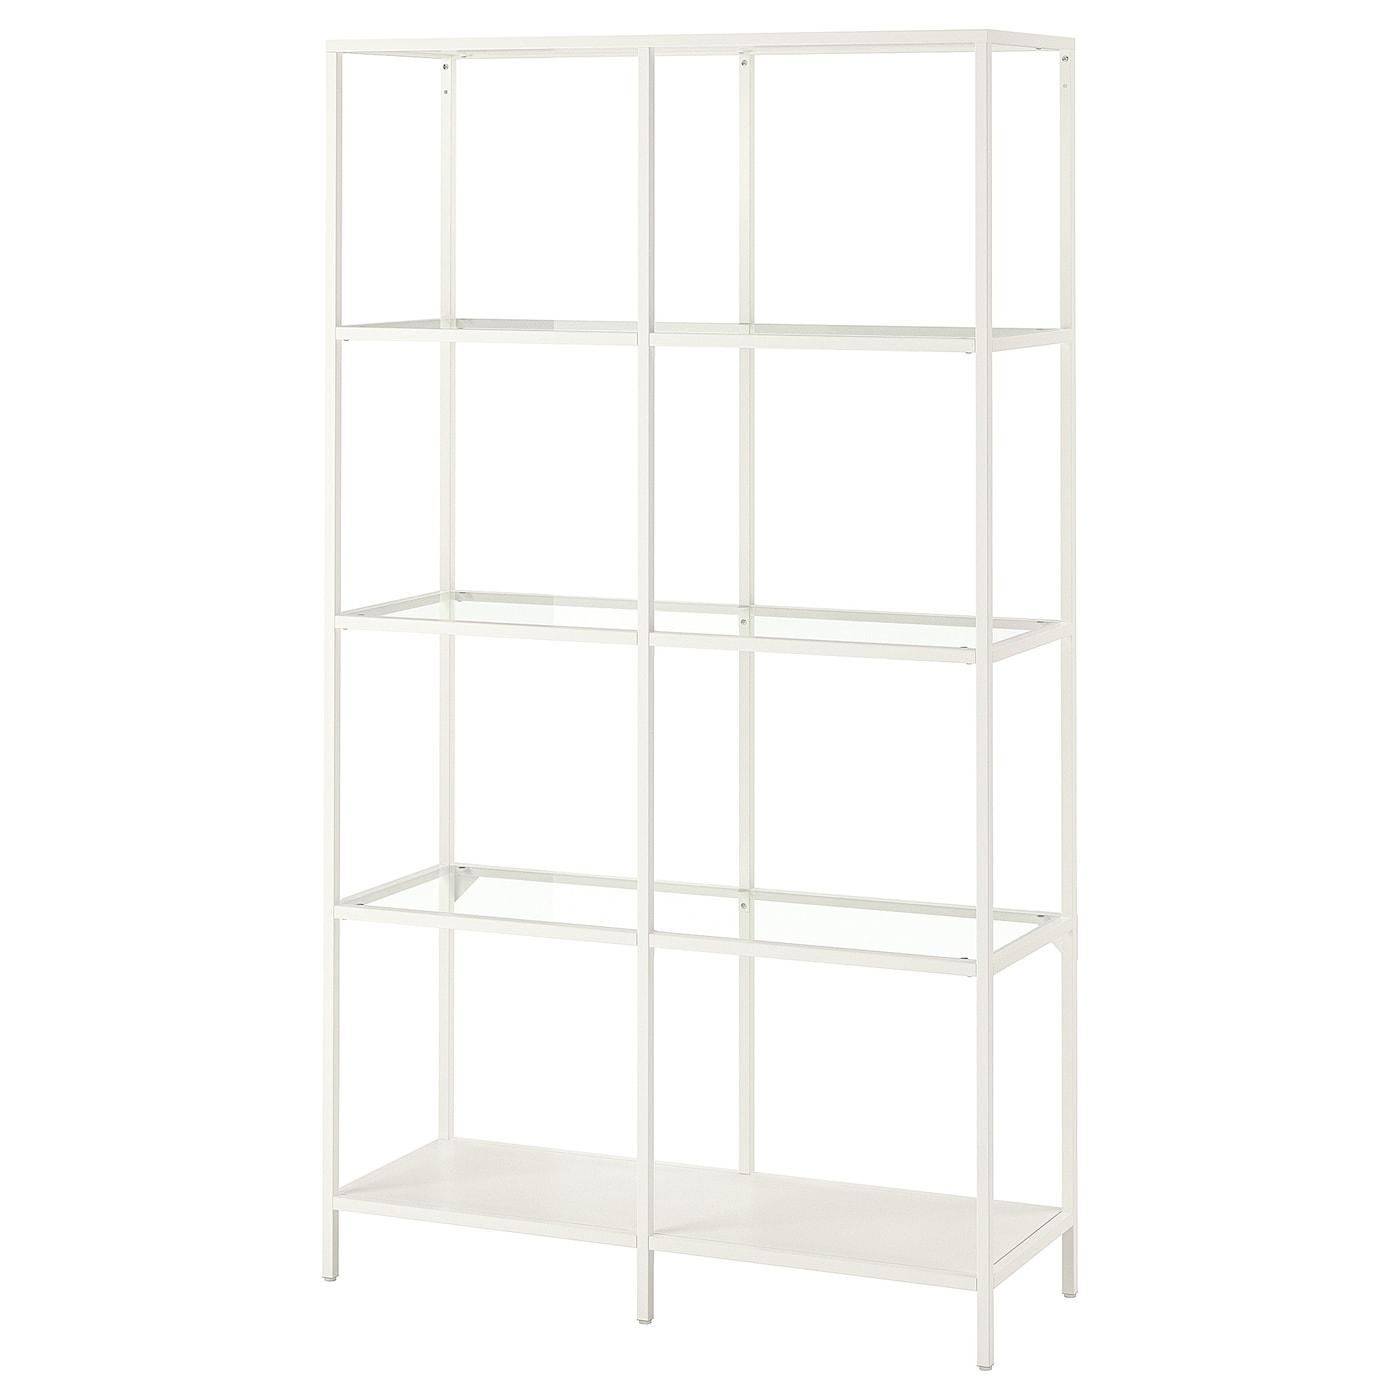 Stellingkast 25 Cm Diep.Vittsjo Stellingkast Wit Glas 100 X 175 Cm Ikea